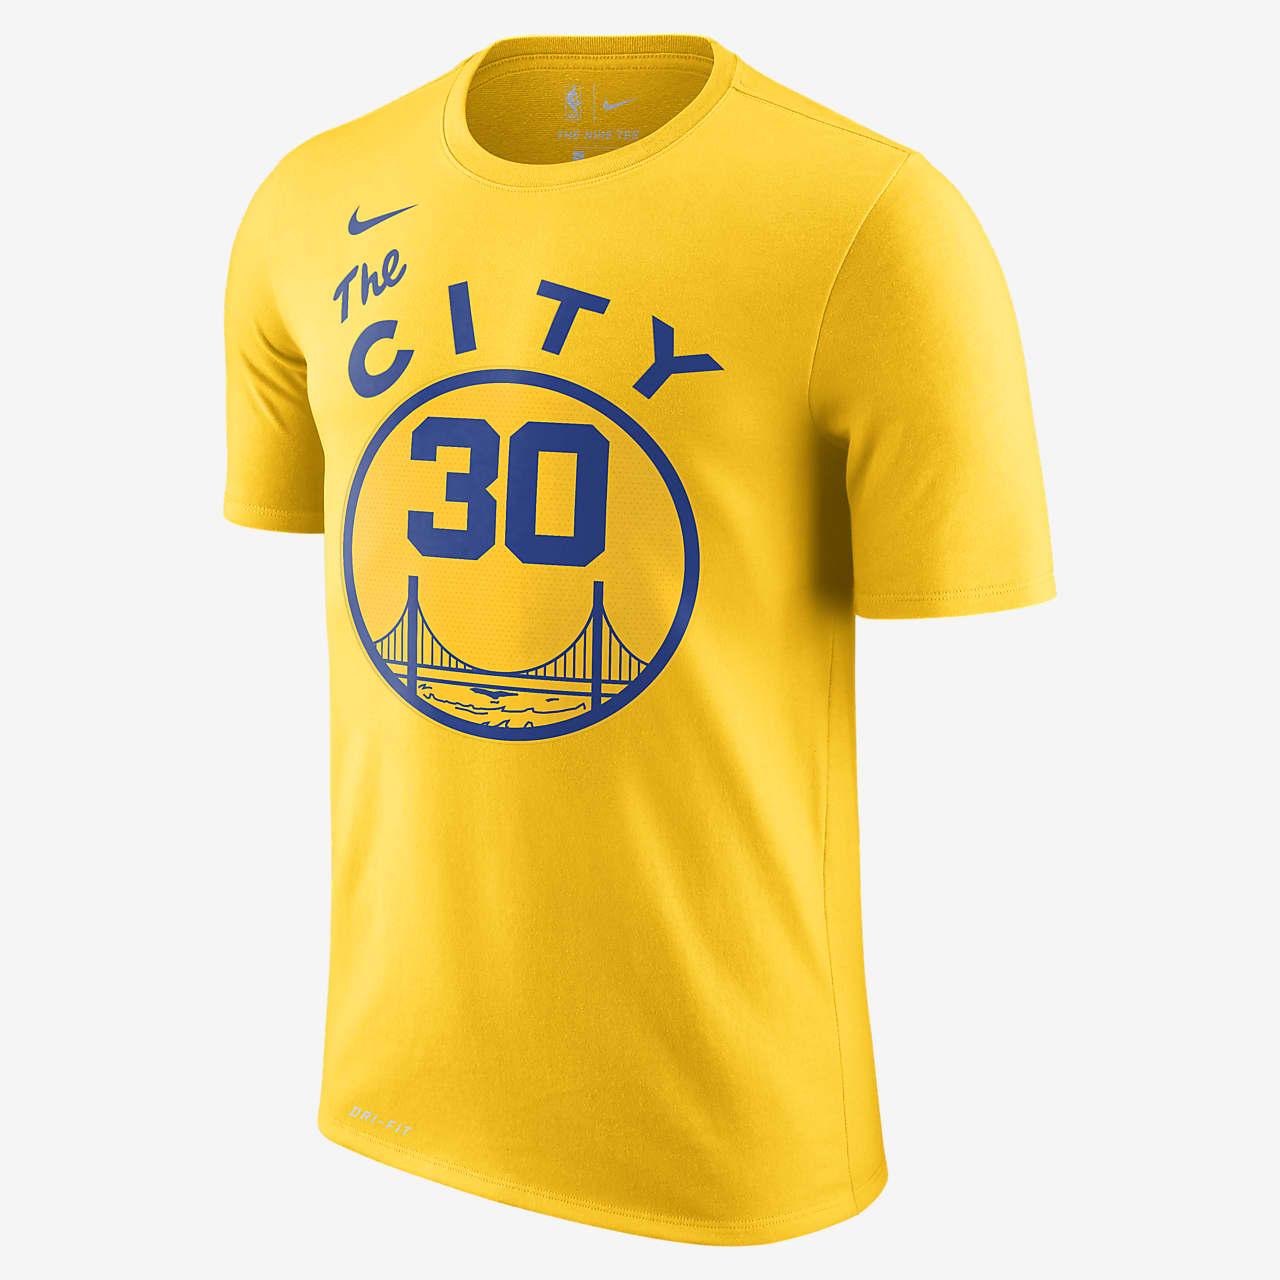 金州勇士队 (Stephen Curry) Nike Dri-FIT NBA 男子T恤